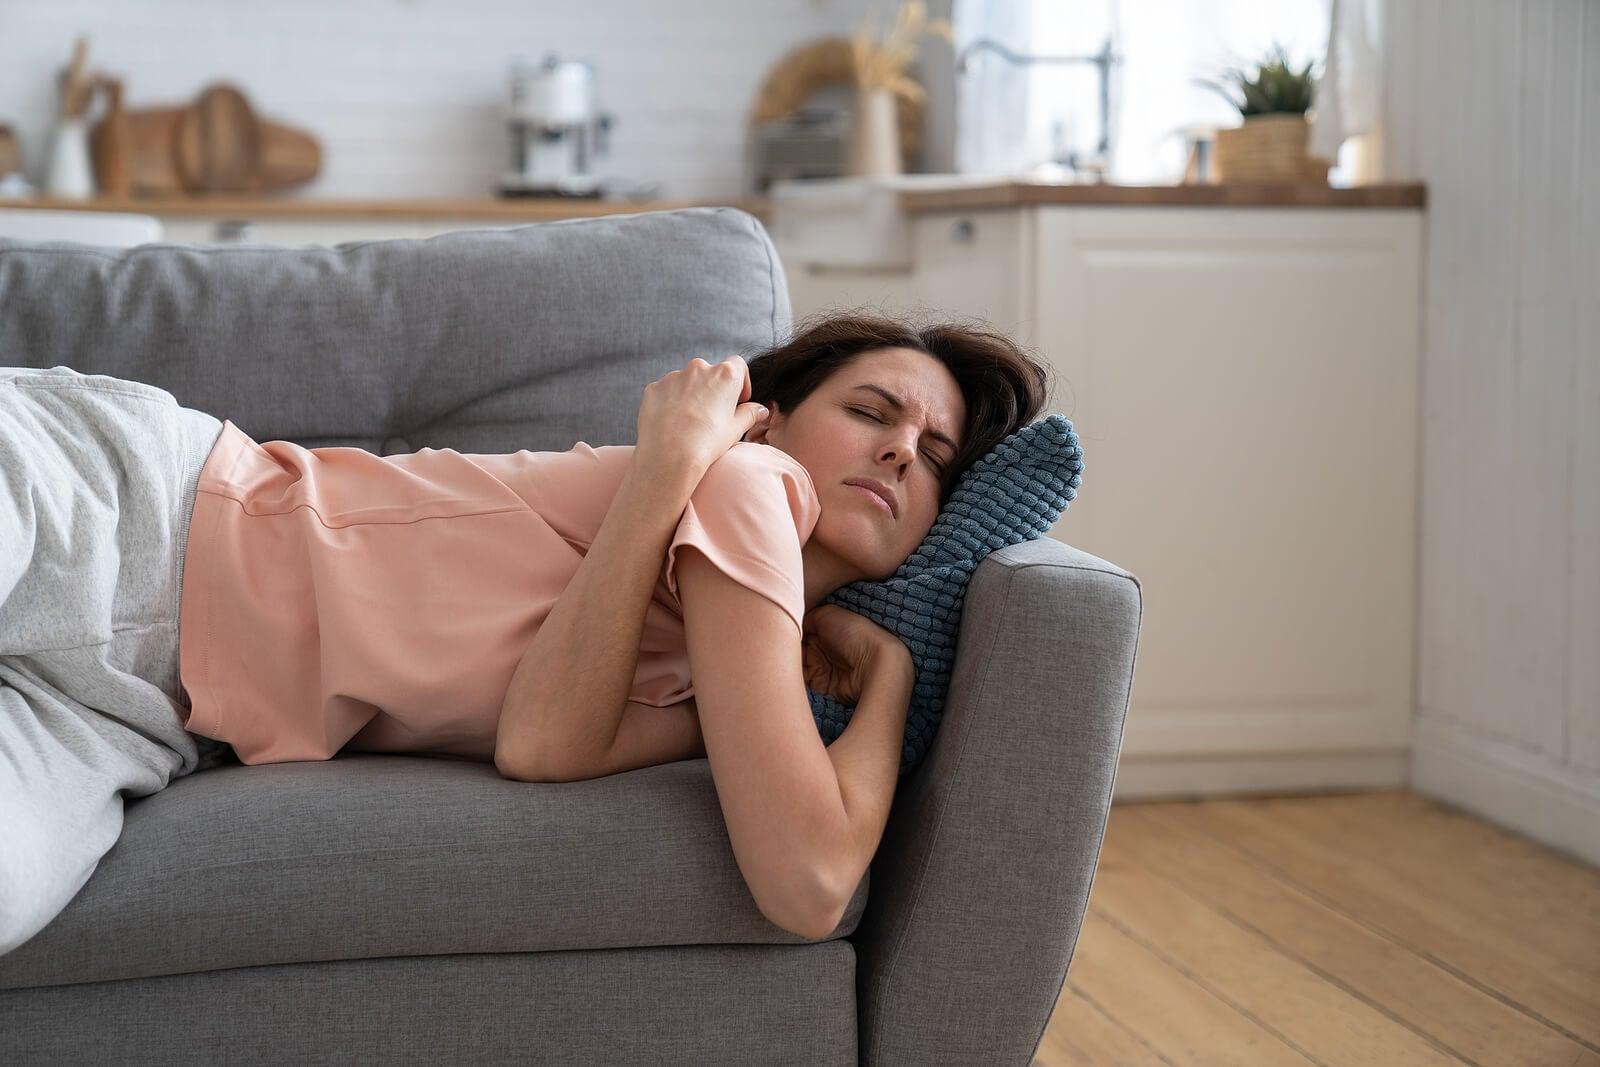 Mujer en el sofá con agotamiento extremo.